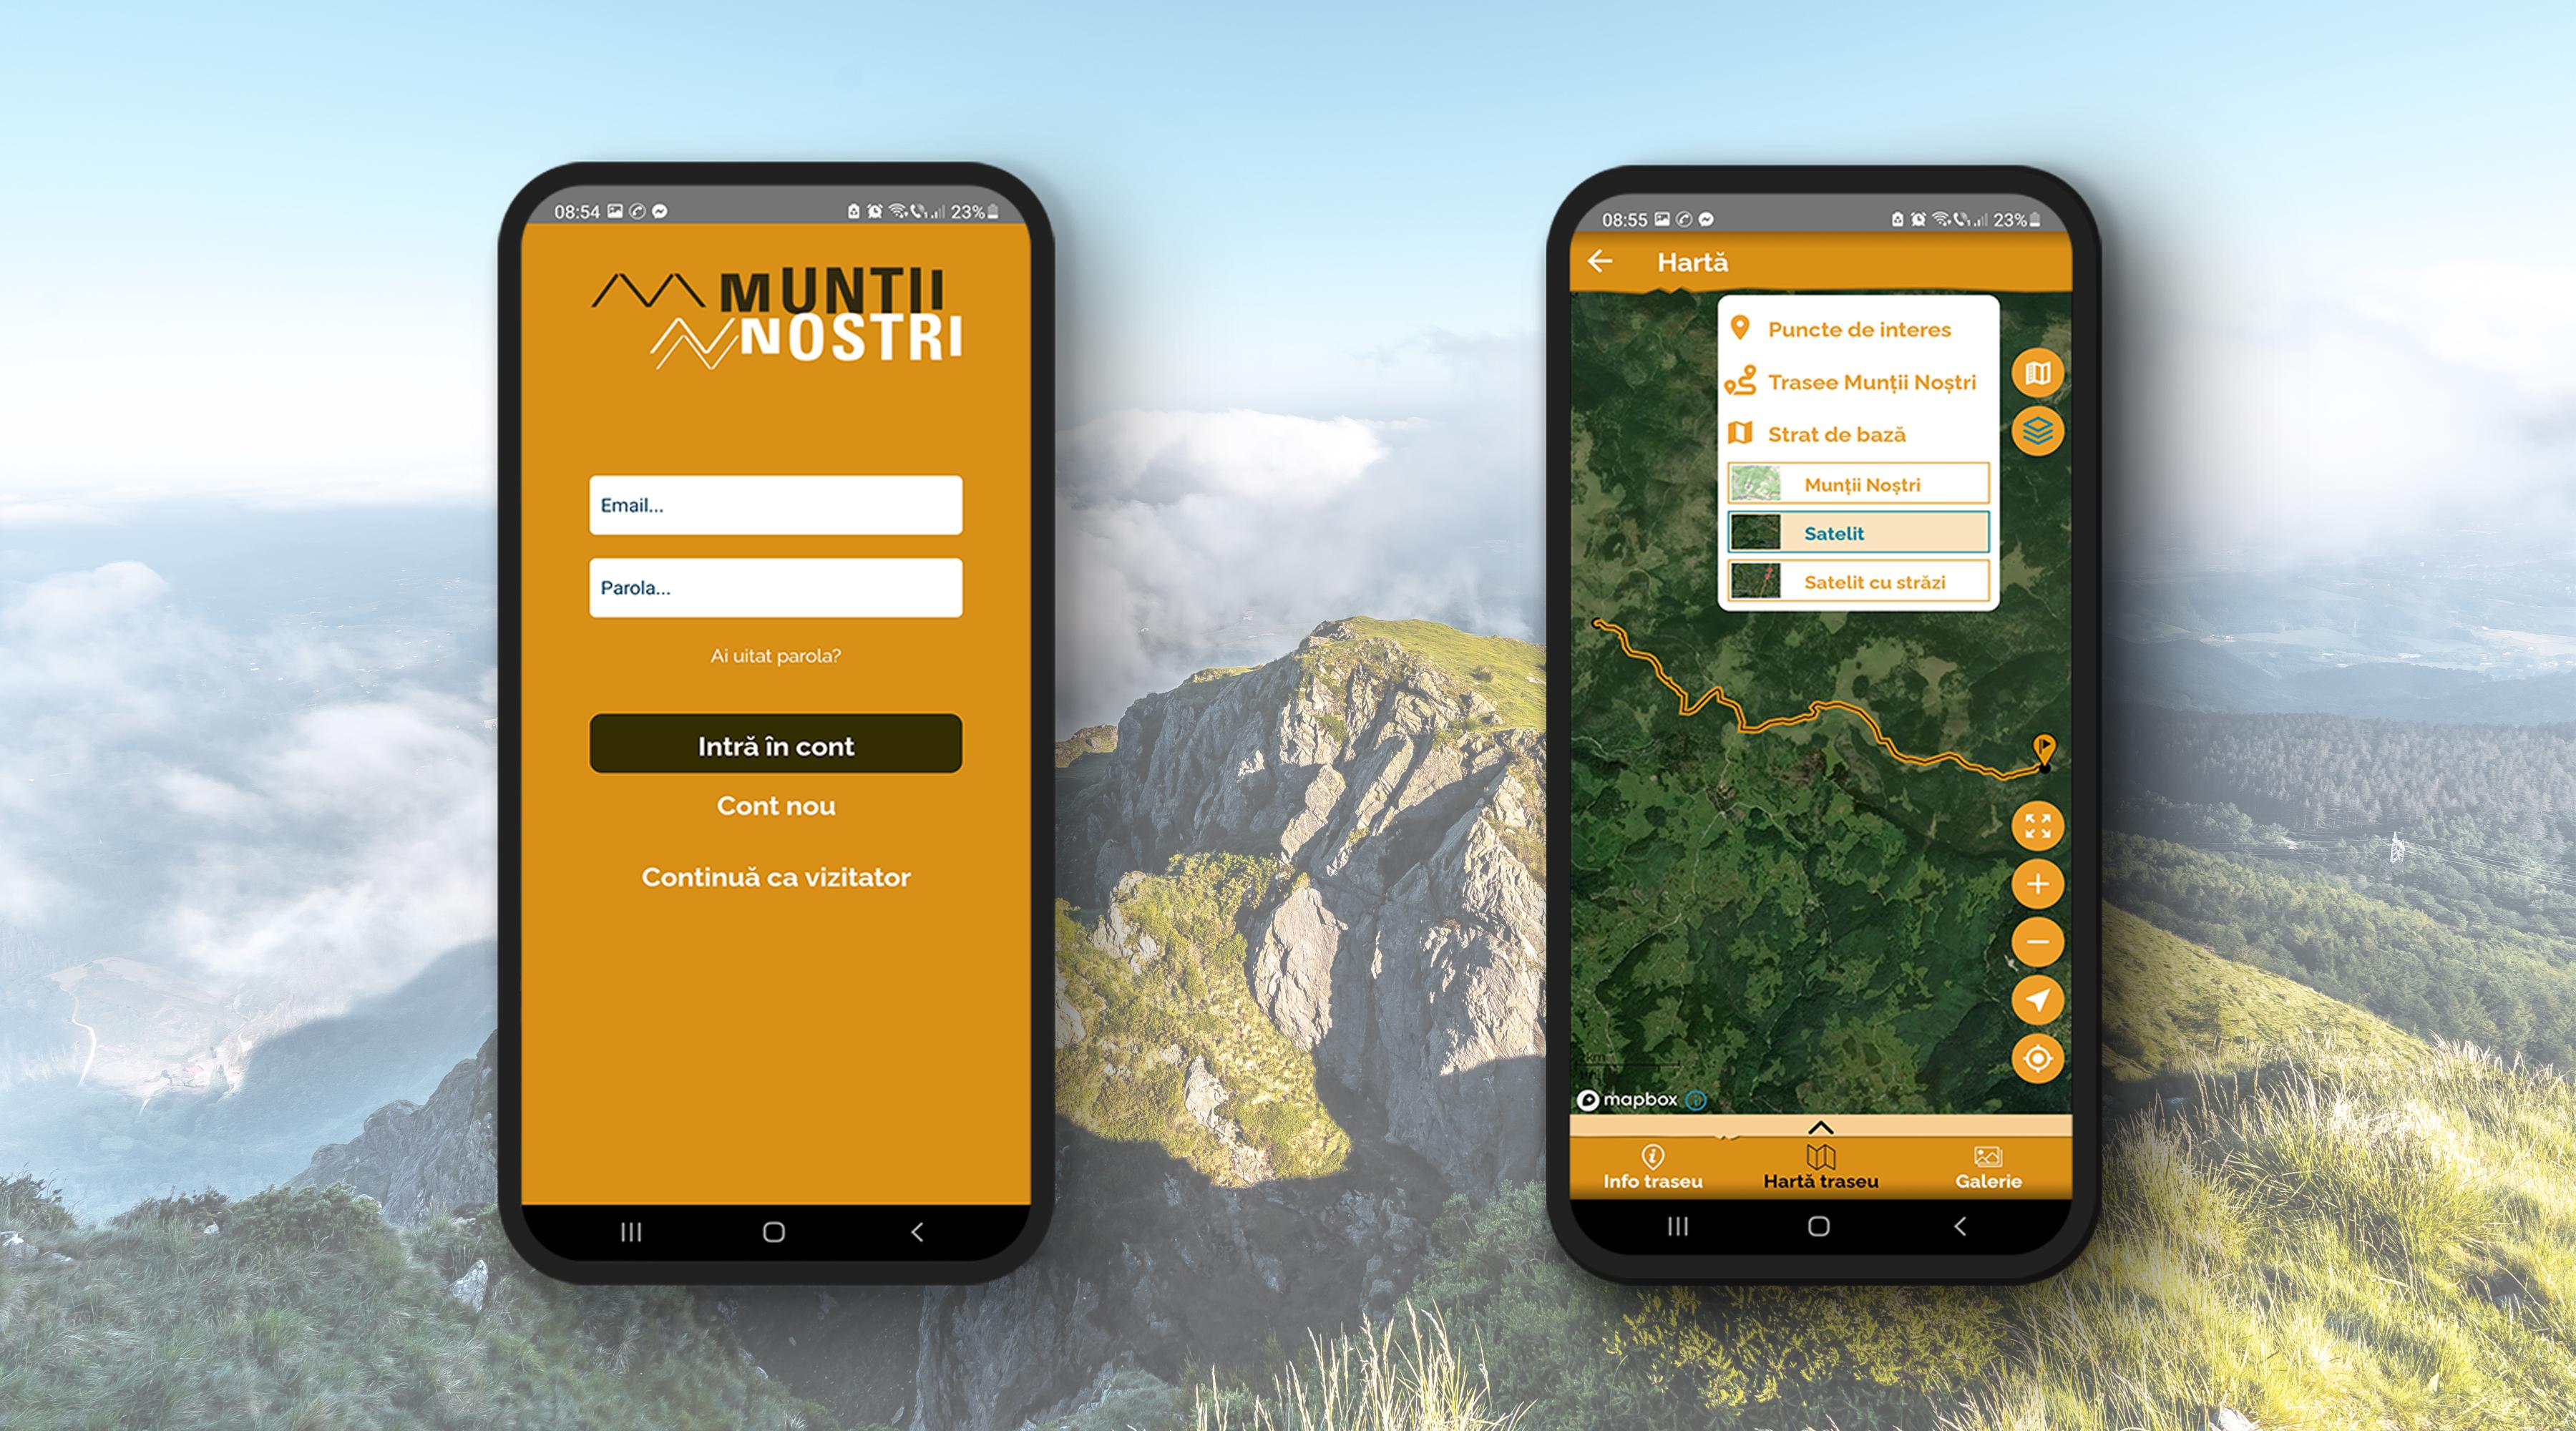 Vedere satelitară după logarea (autentificarea) în contul Munții Noștri